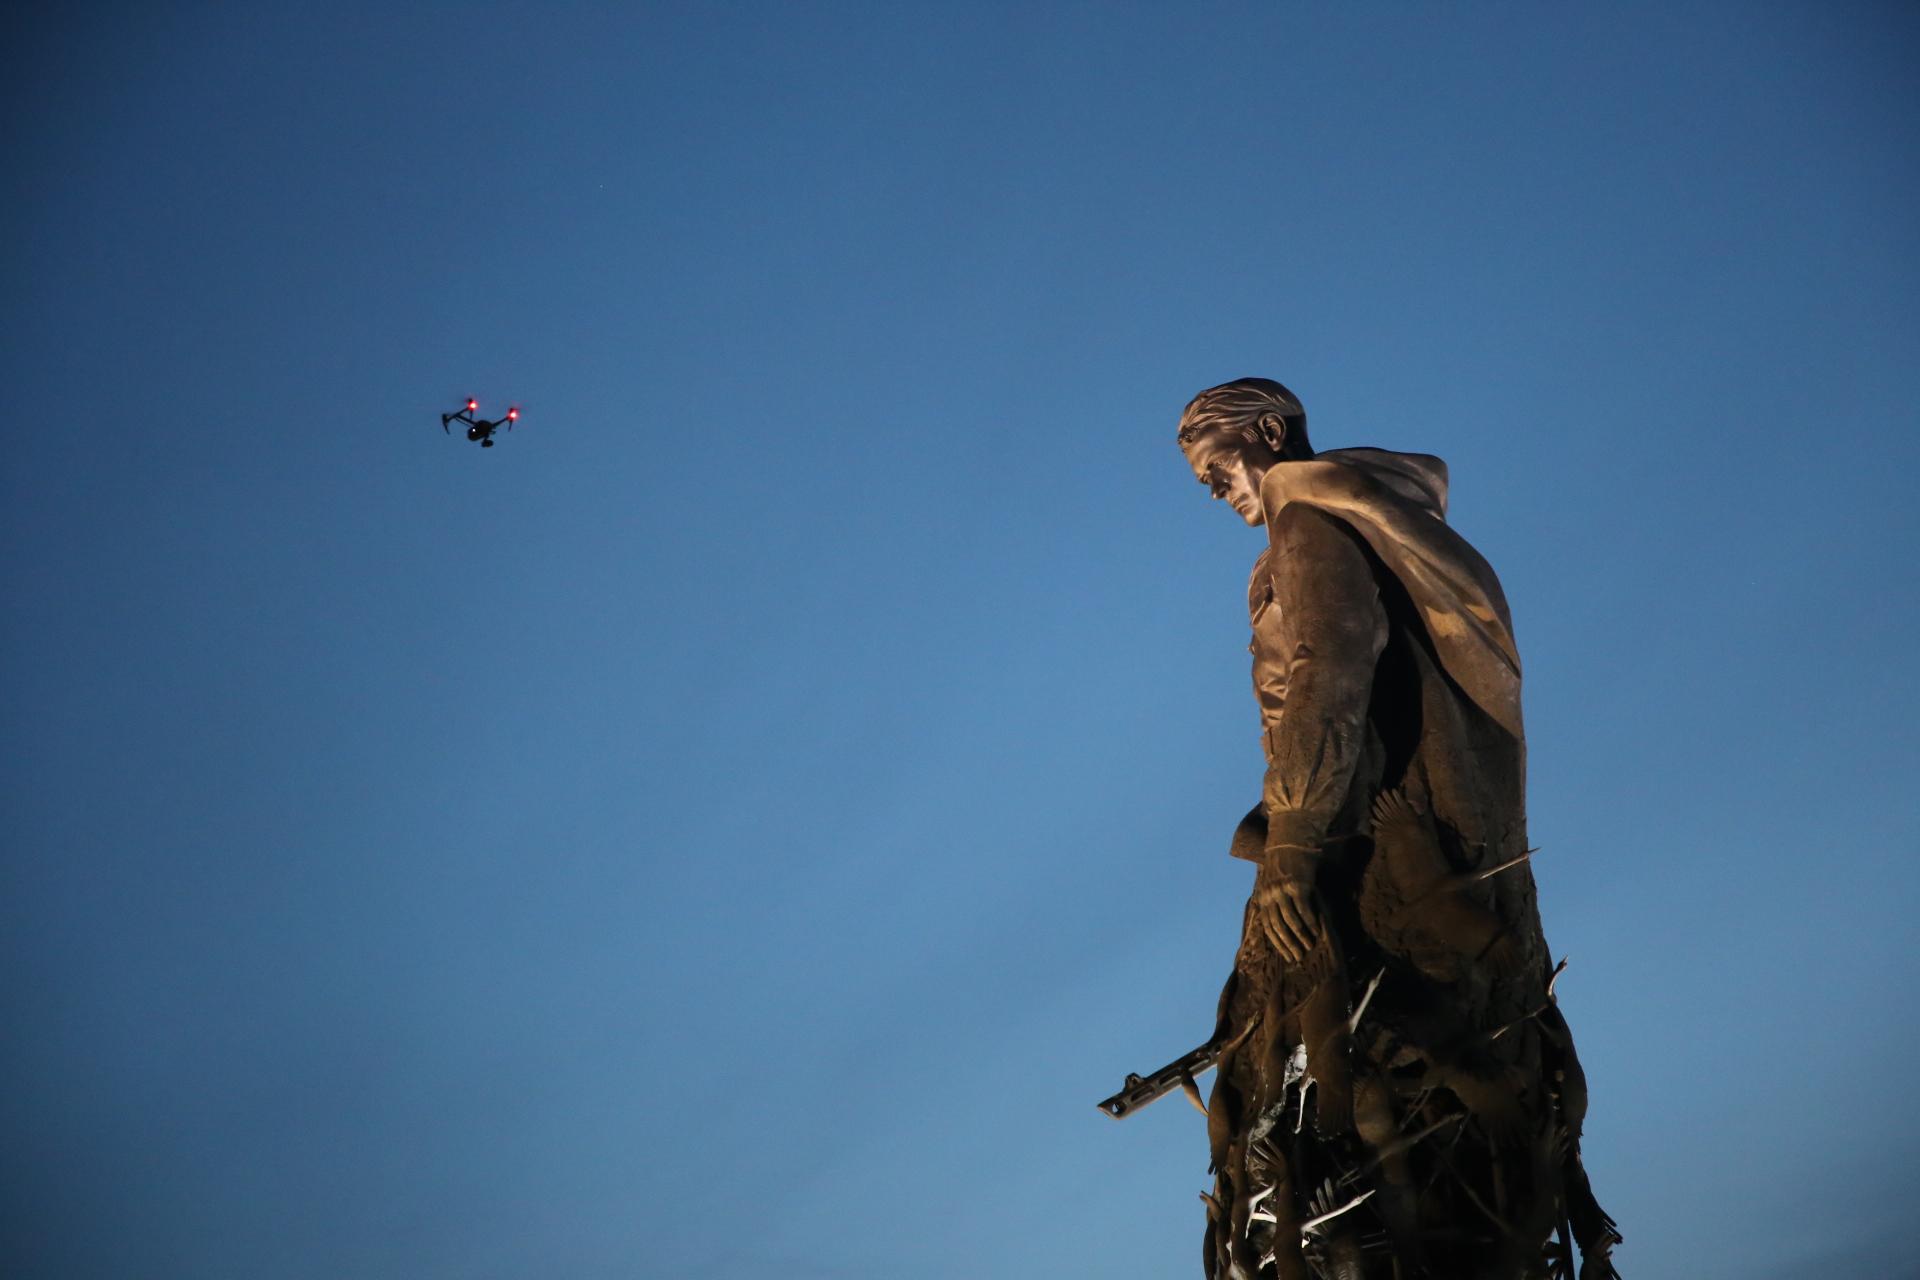 Над мемориалом в Тверской области взмыла тысяча дронов: фото, видео